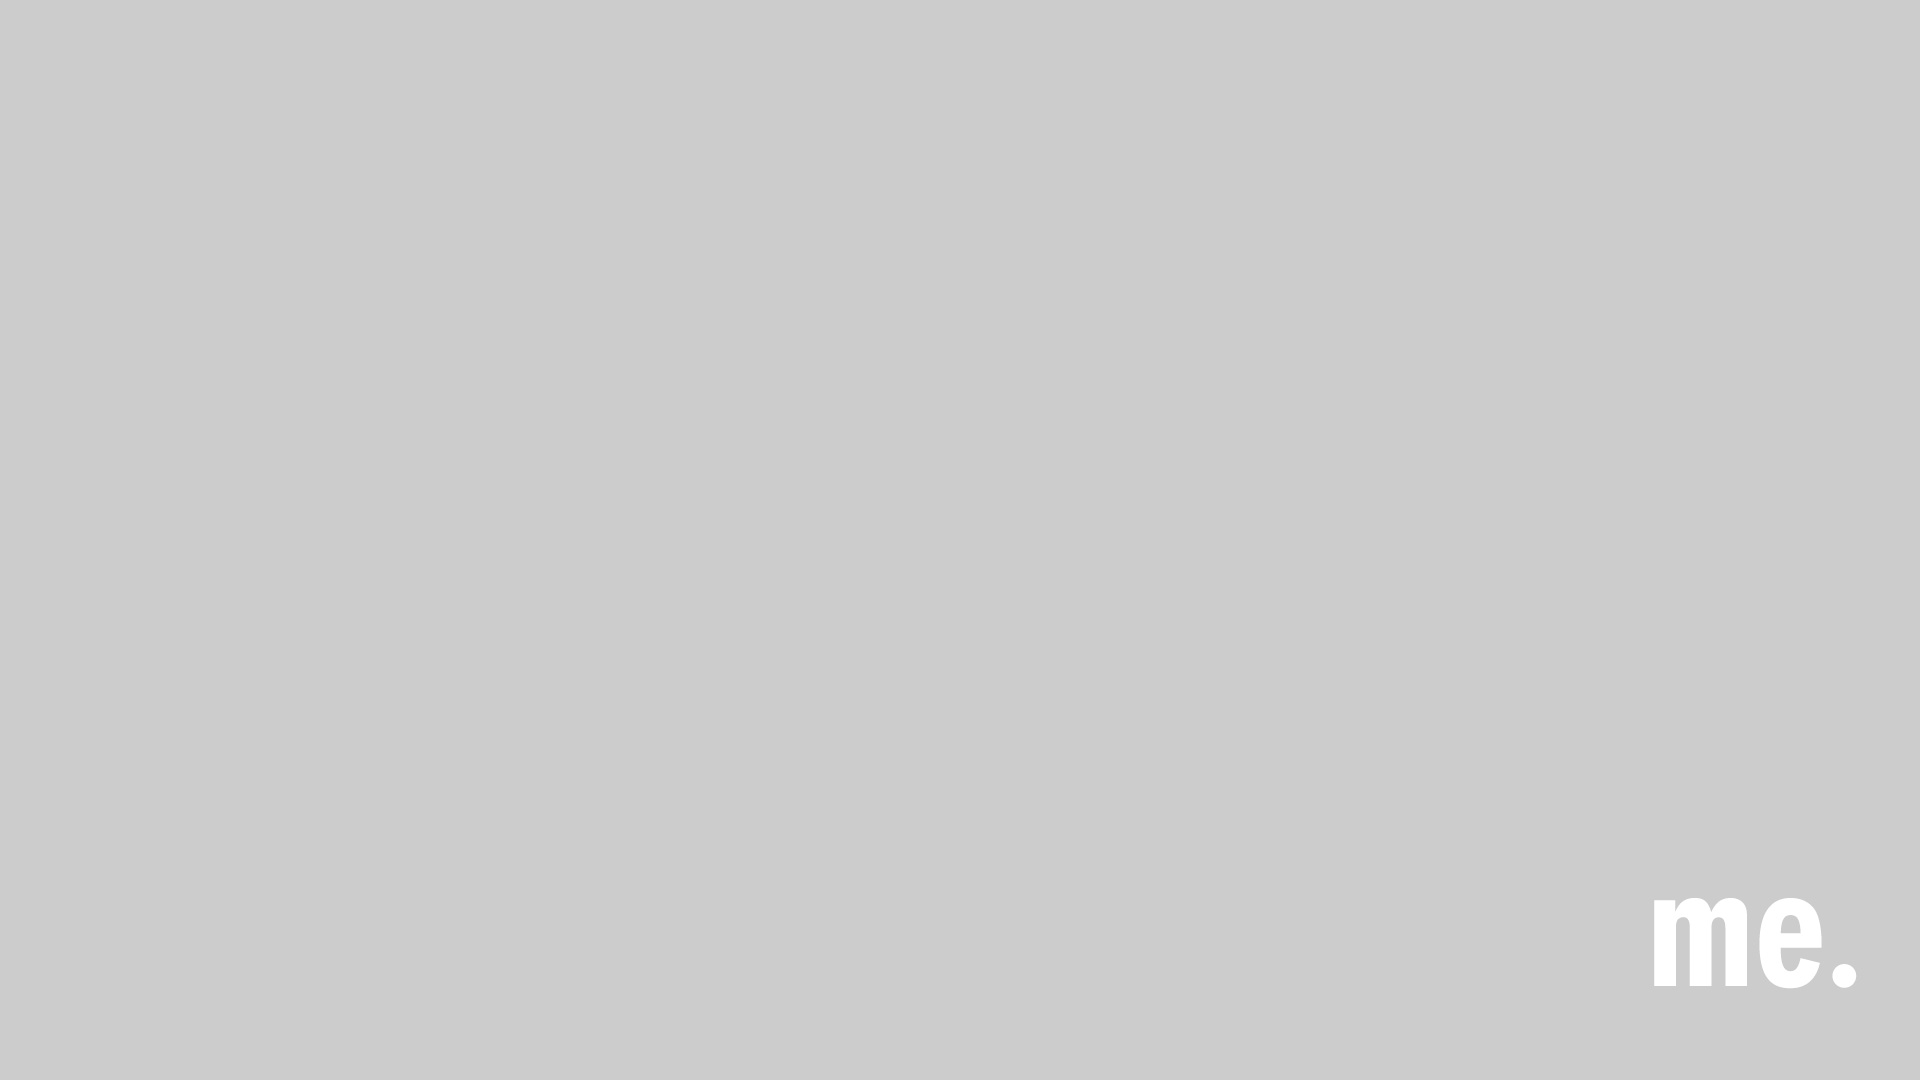 Wayne Static starb am 1. November, angeblich an einer Überdosis.